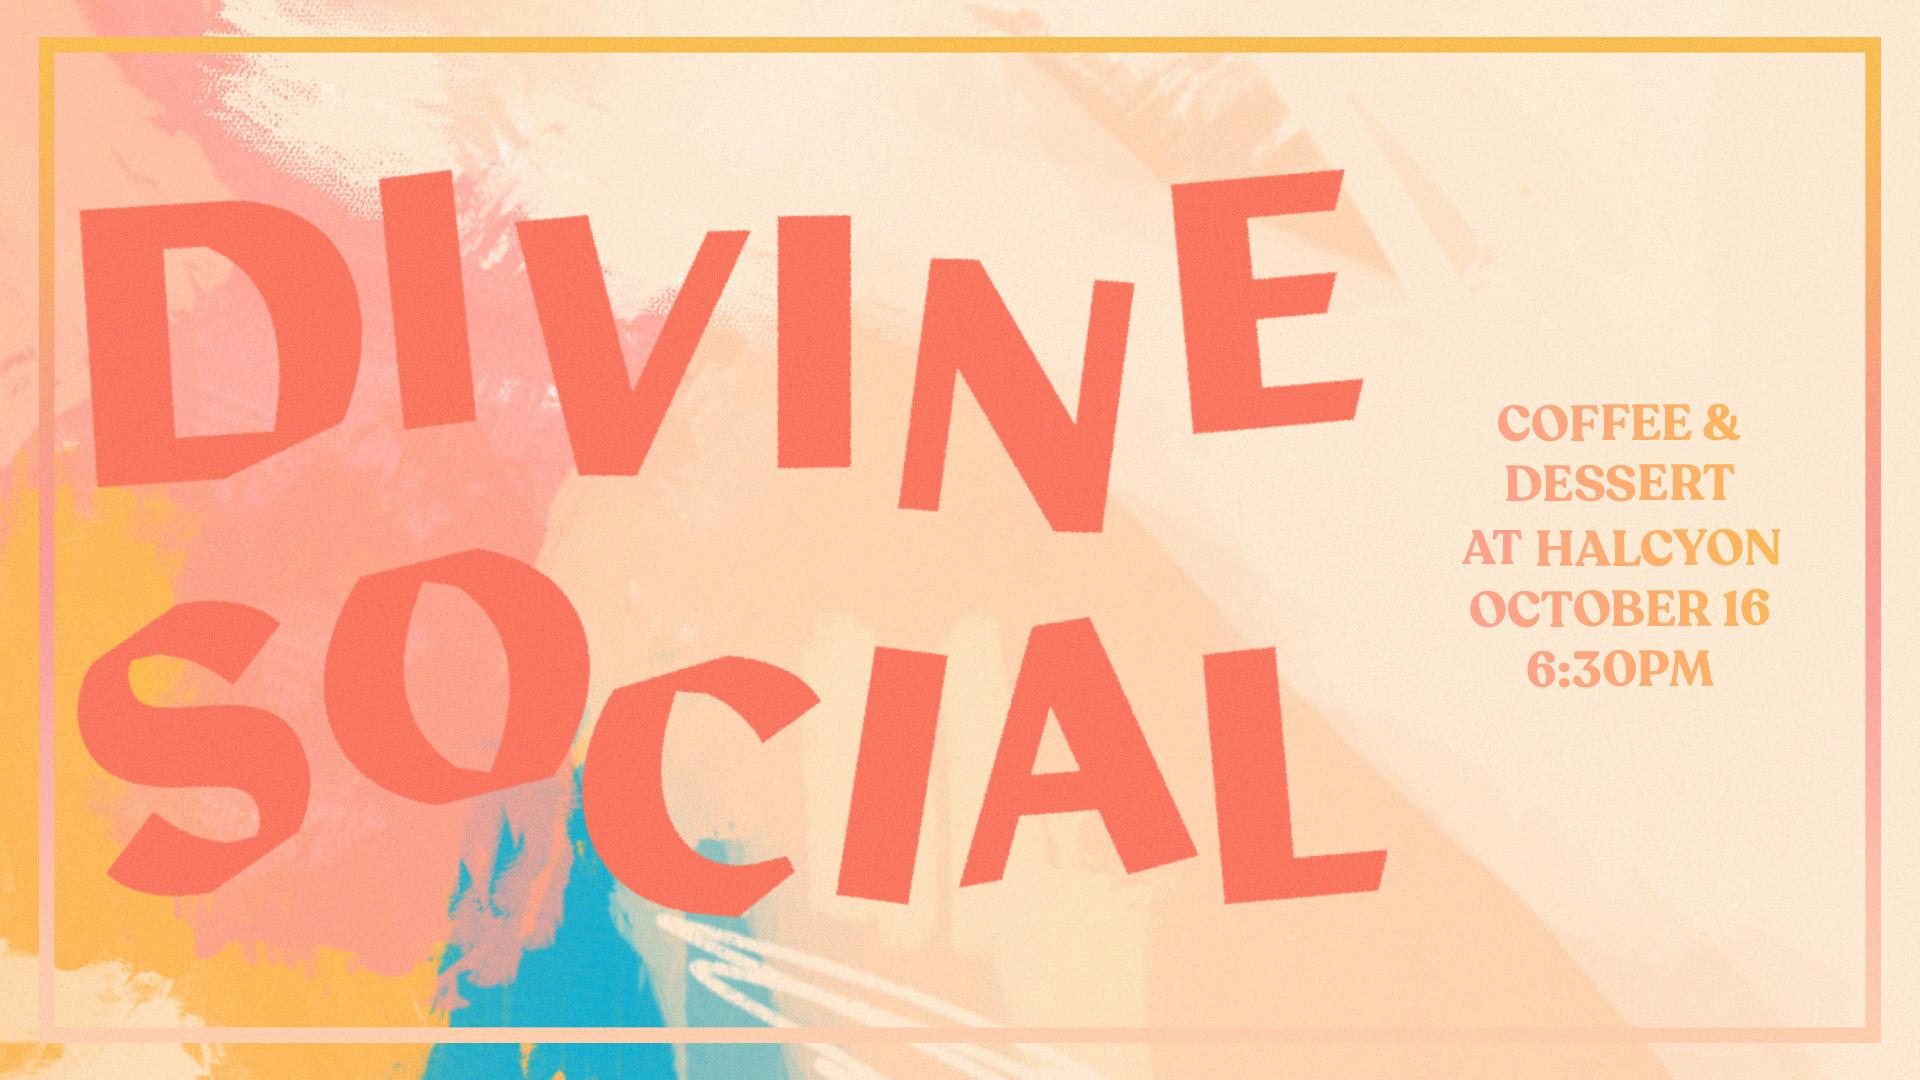 Divine Social at the Cumming campus